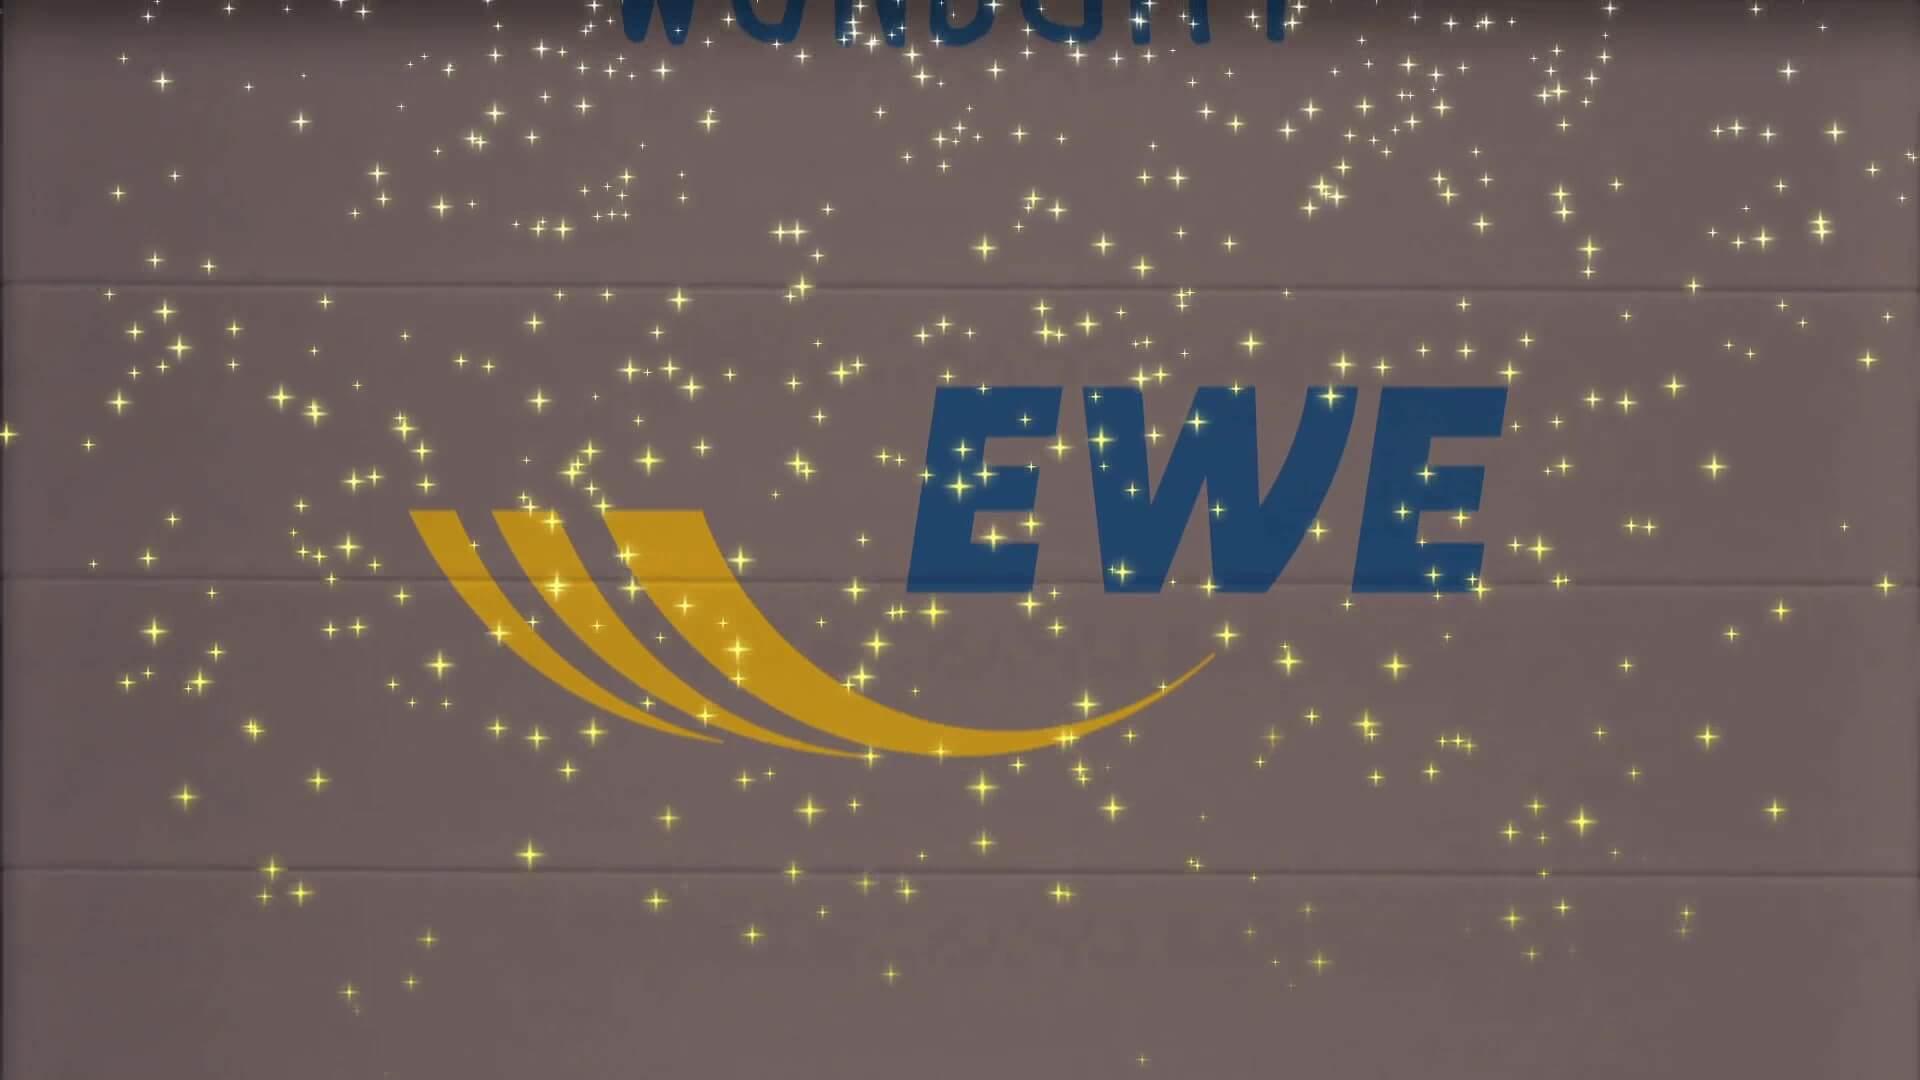 ewe-weihnachtsgruss-2017-abspann-logo